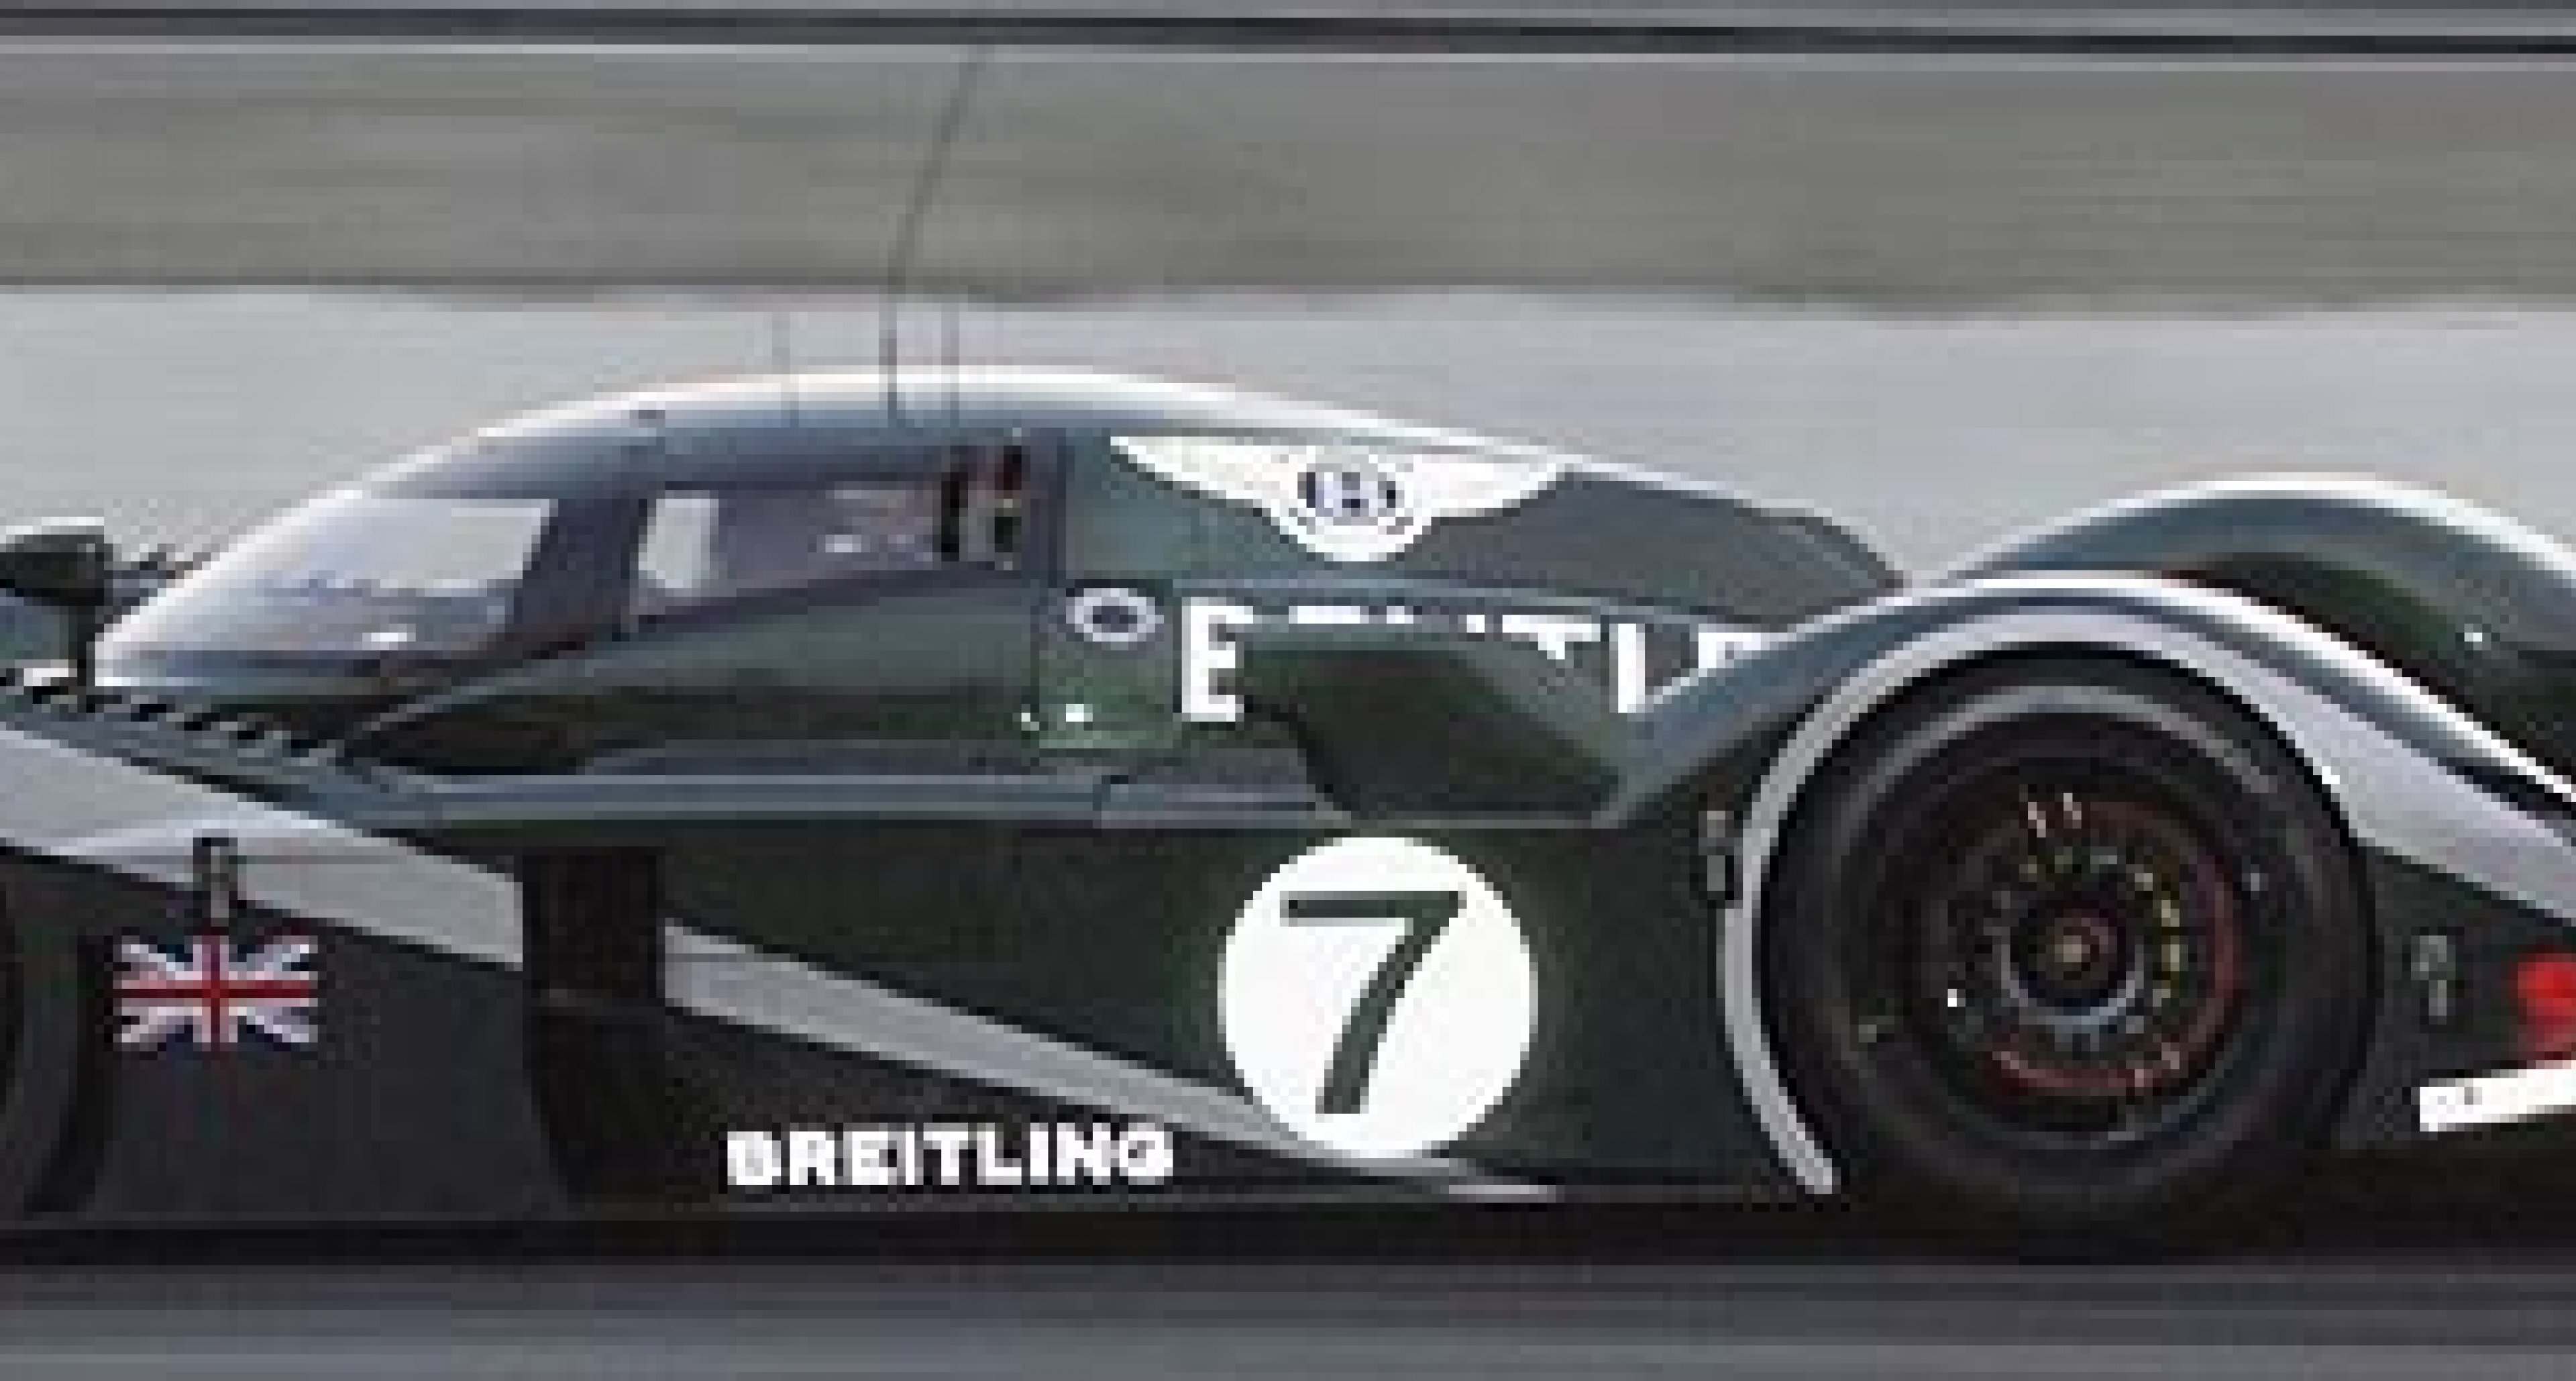 Bentley: 3. und 4. Platz beim 12-Stunden Rennen in Sebring 2003